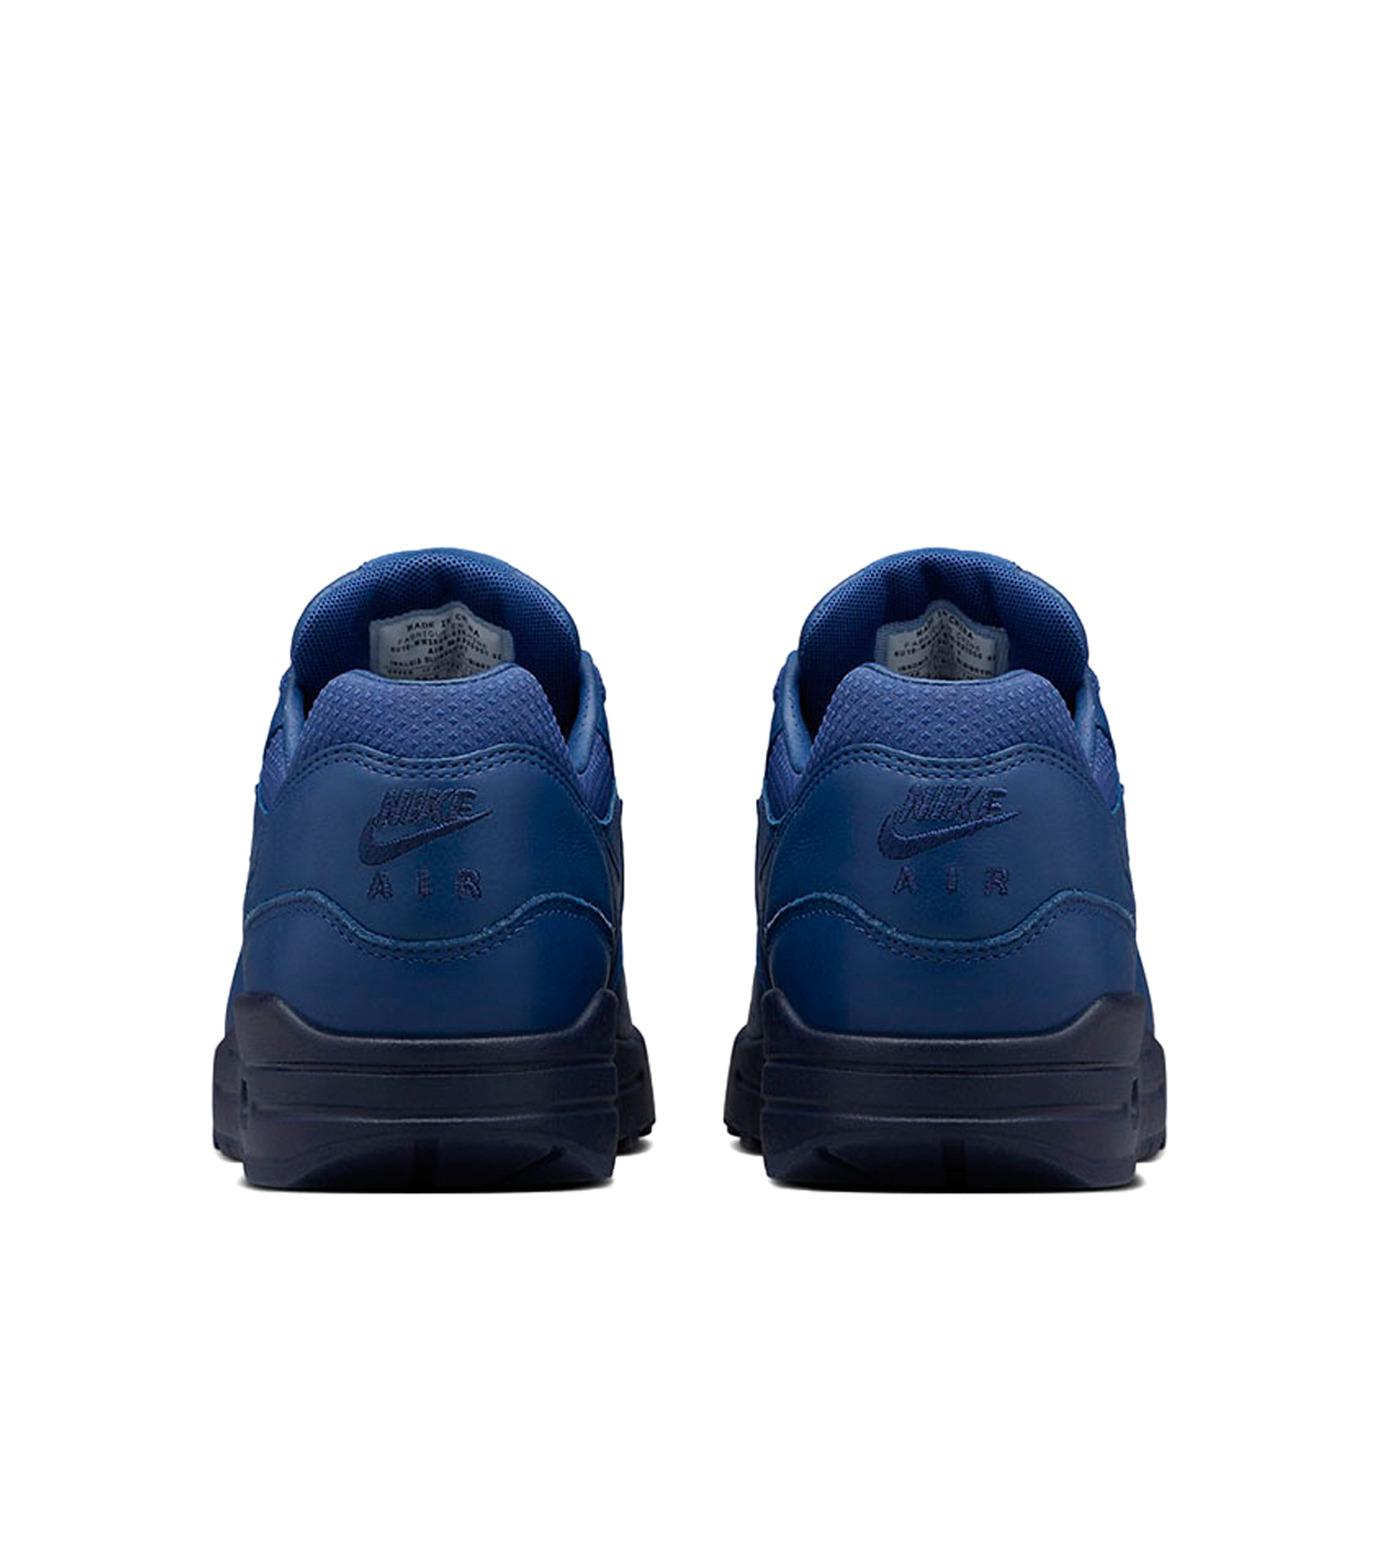 NIKE(ナイキ)のWMNS AIR MAX 1 PINNACLE-BLUE(シューズ/shoes)-839608-400-92 拡大詳細画像5